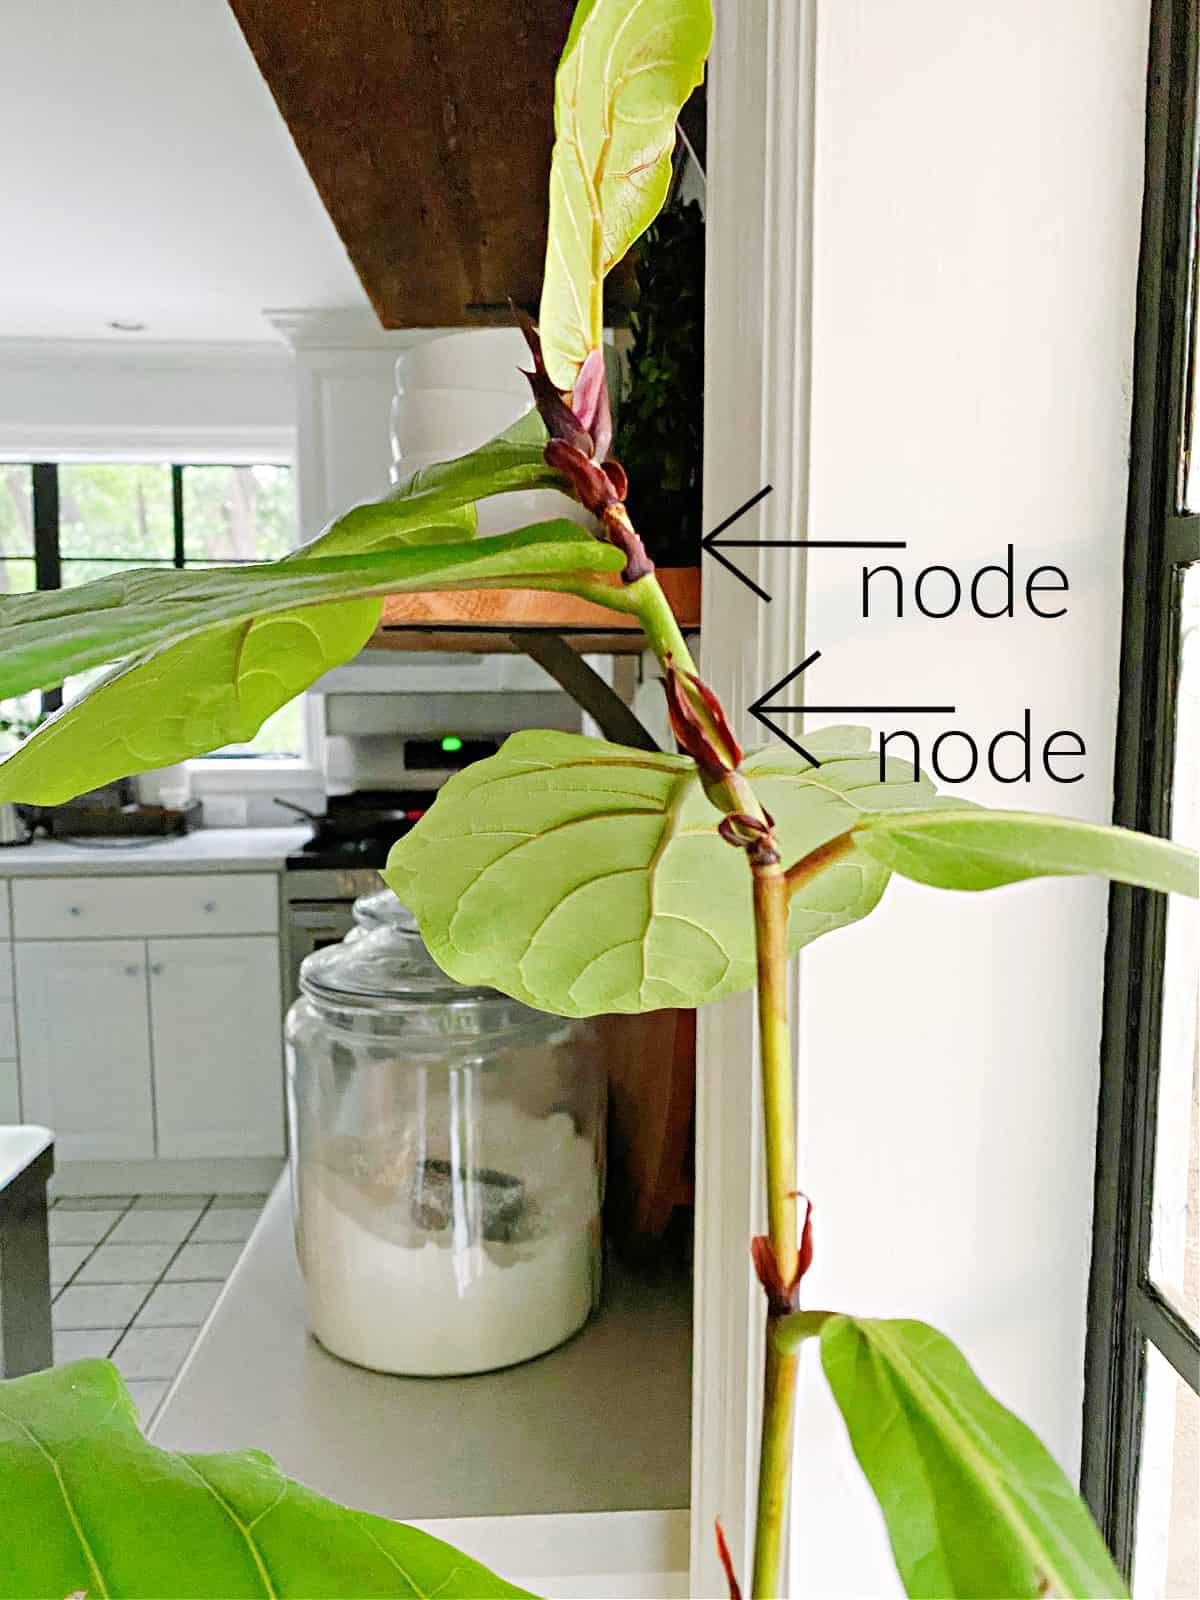 nodes on a fiddle leaf fig plant